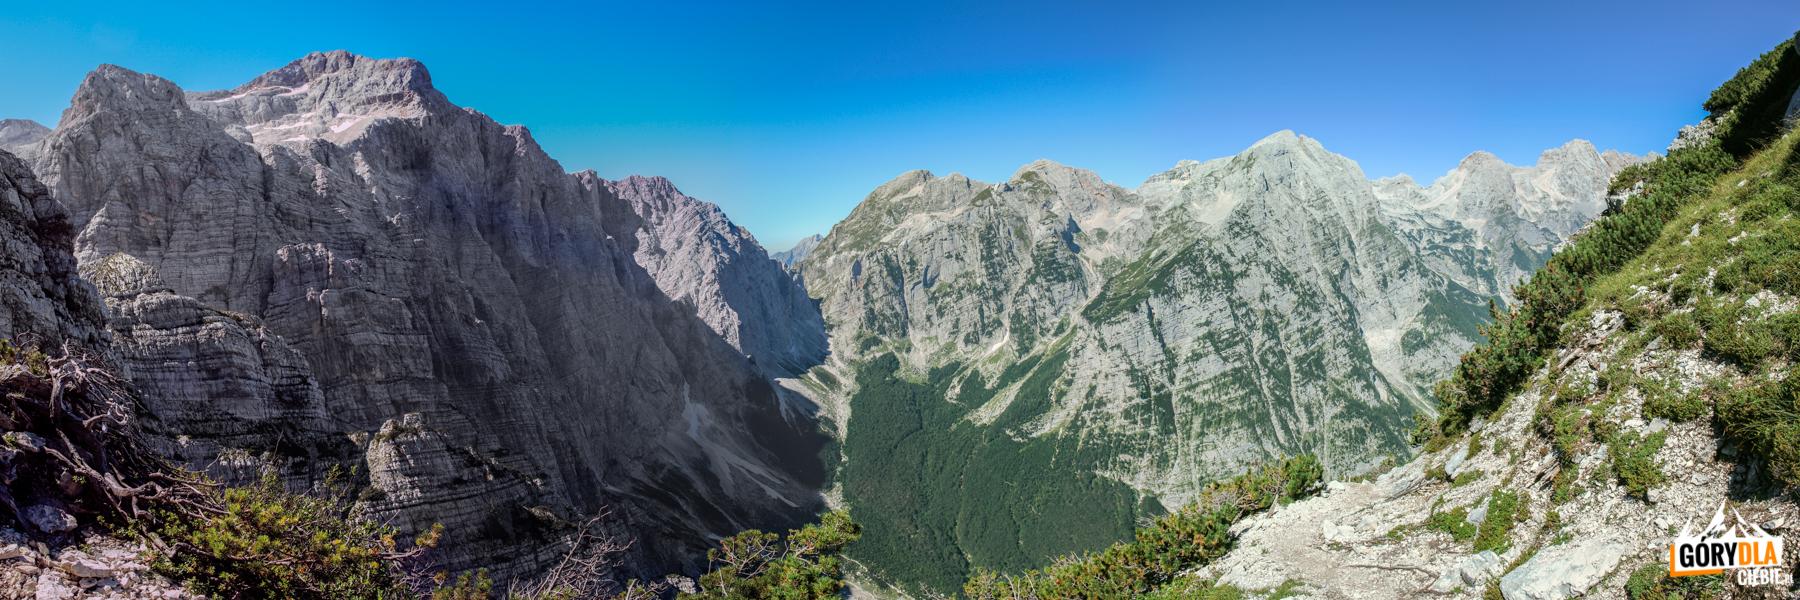 Panorama na ścianę Triglavu i otoczenie górnej części Doliny Vrata